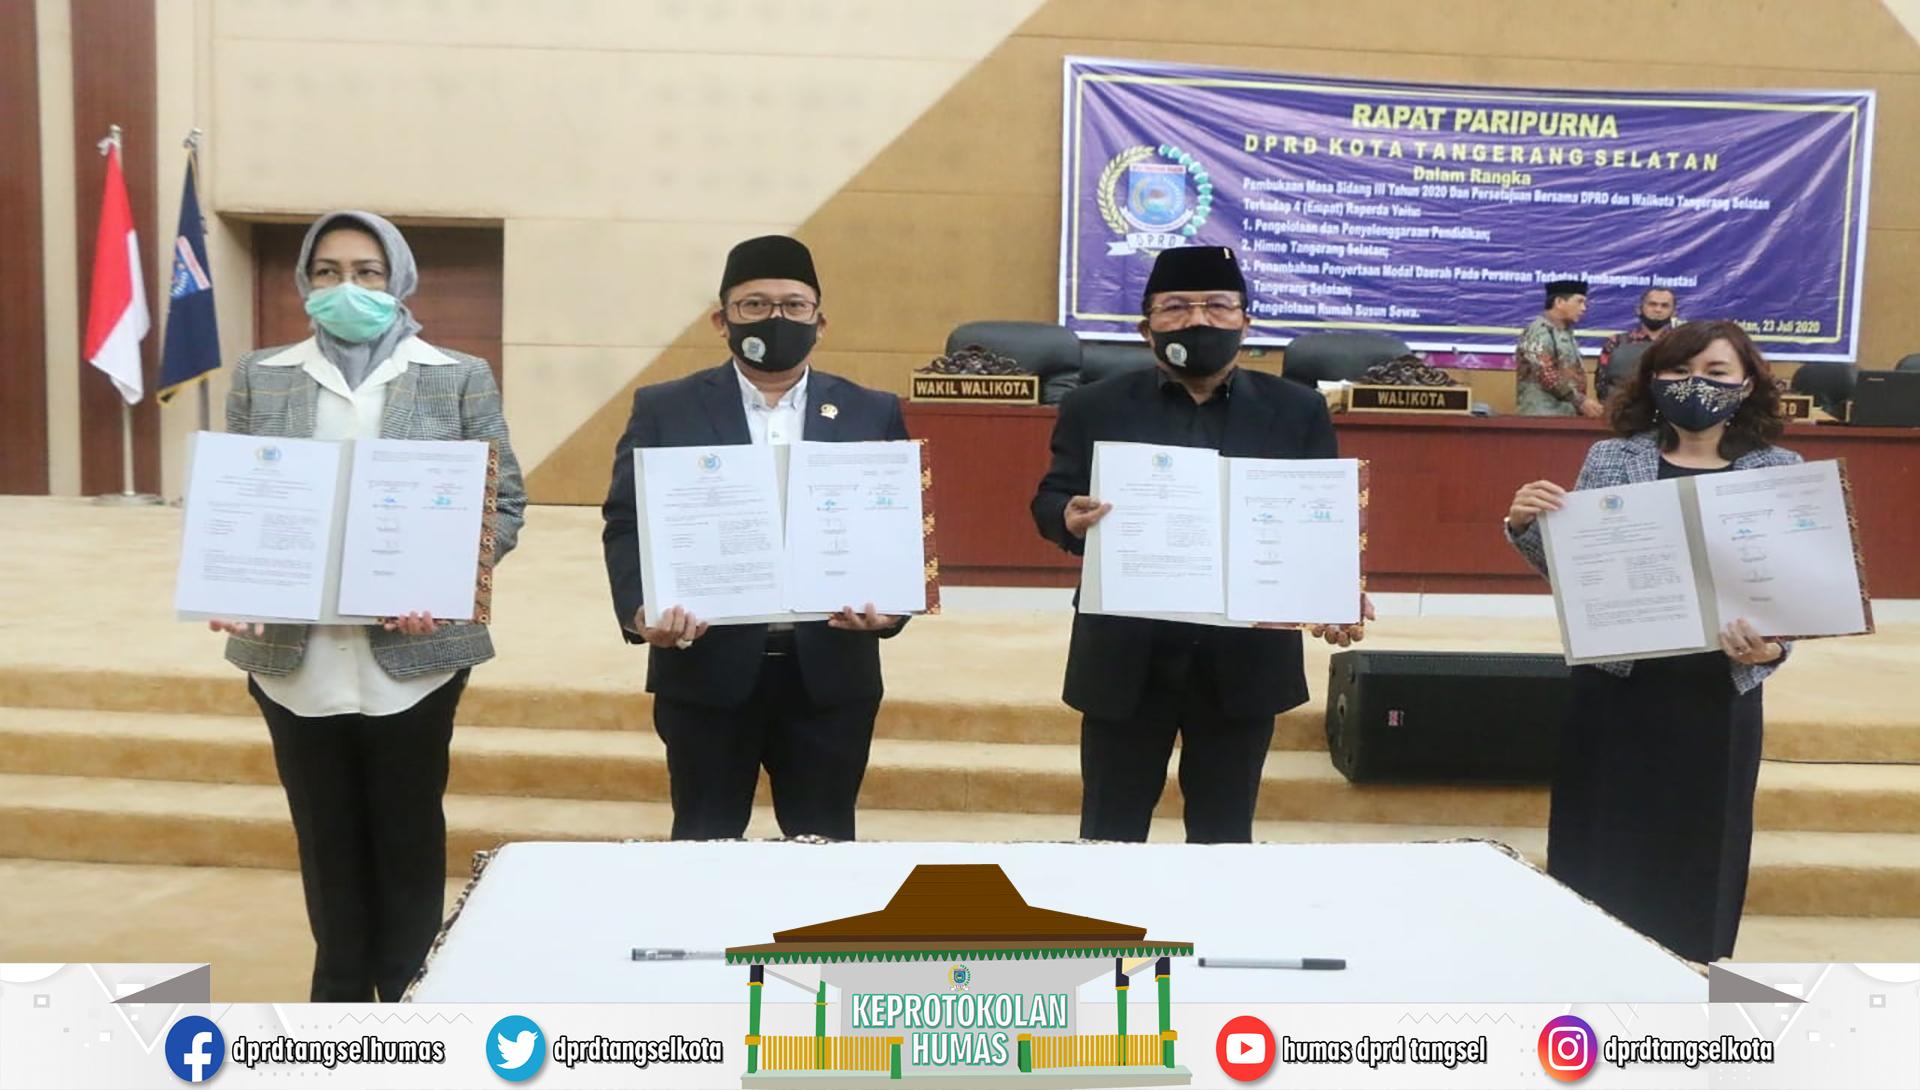 Rapat Paripurna Pembukaan Masa Sidang III dan Persetujuan Bersama DPRD